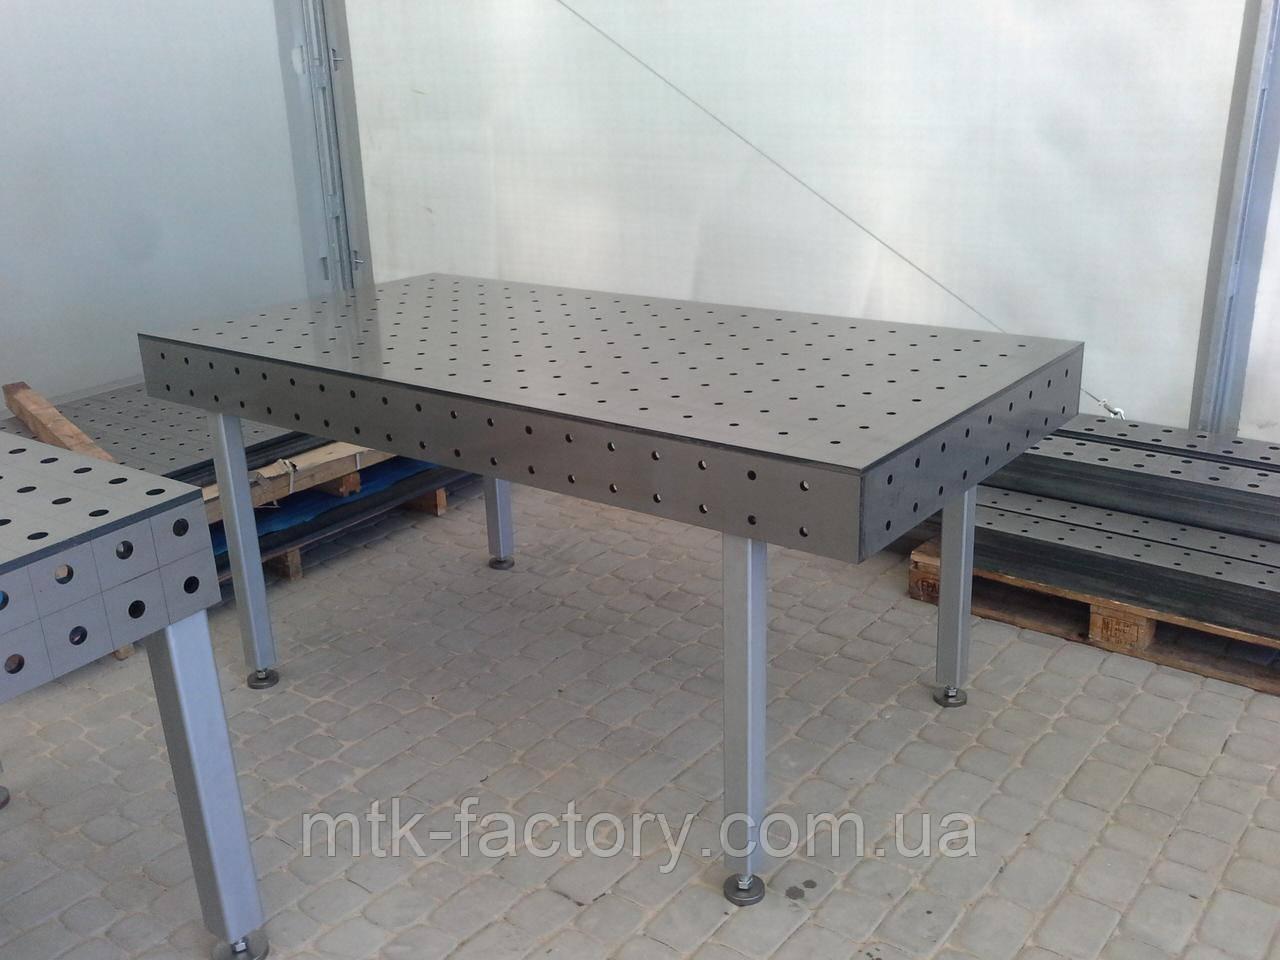 Стіл для зварювання MTK S16/100 2400х1200 (12мм)